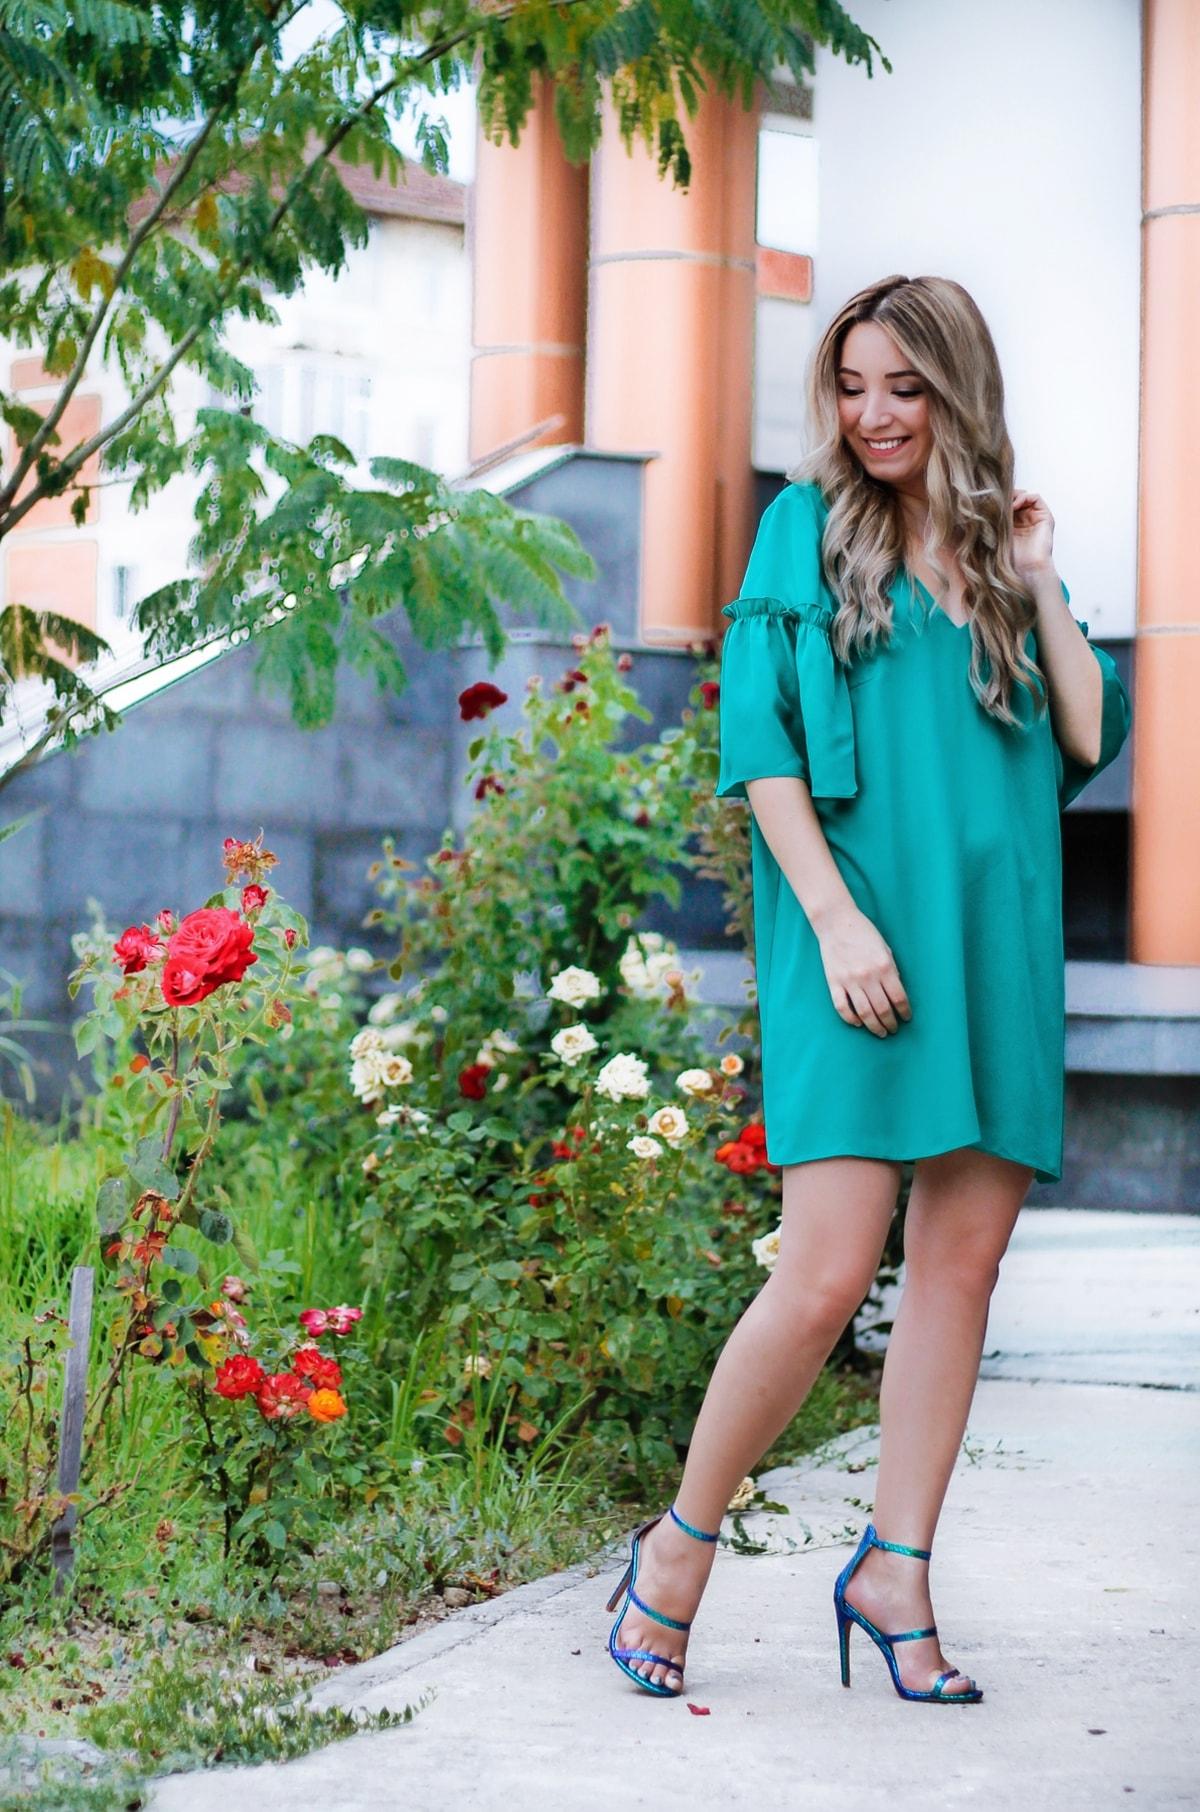 Andreea Ristea: rochie de ocazie verde Poema, sandale cameleon verde-albastrui, blogger moda , tinuta de vara